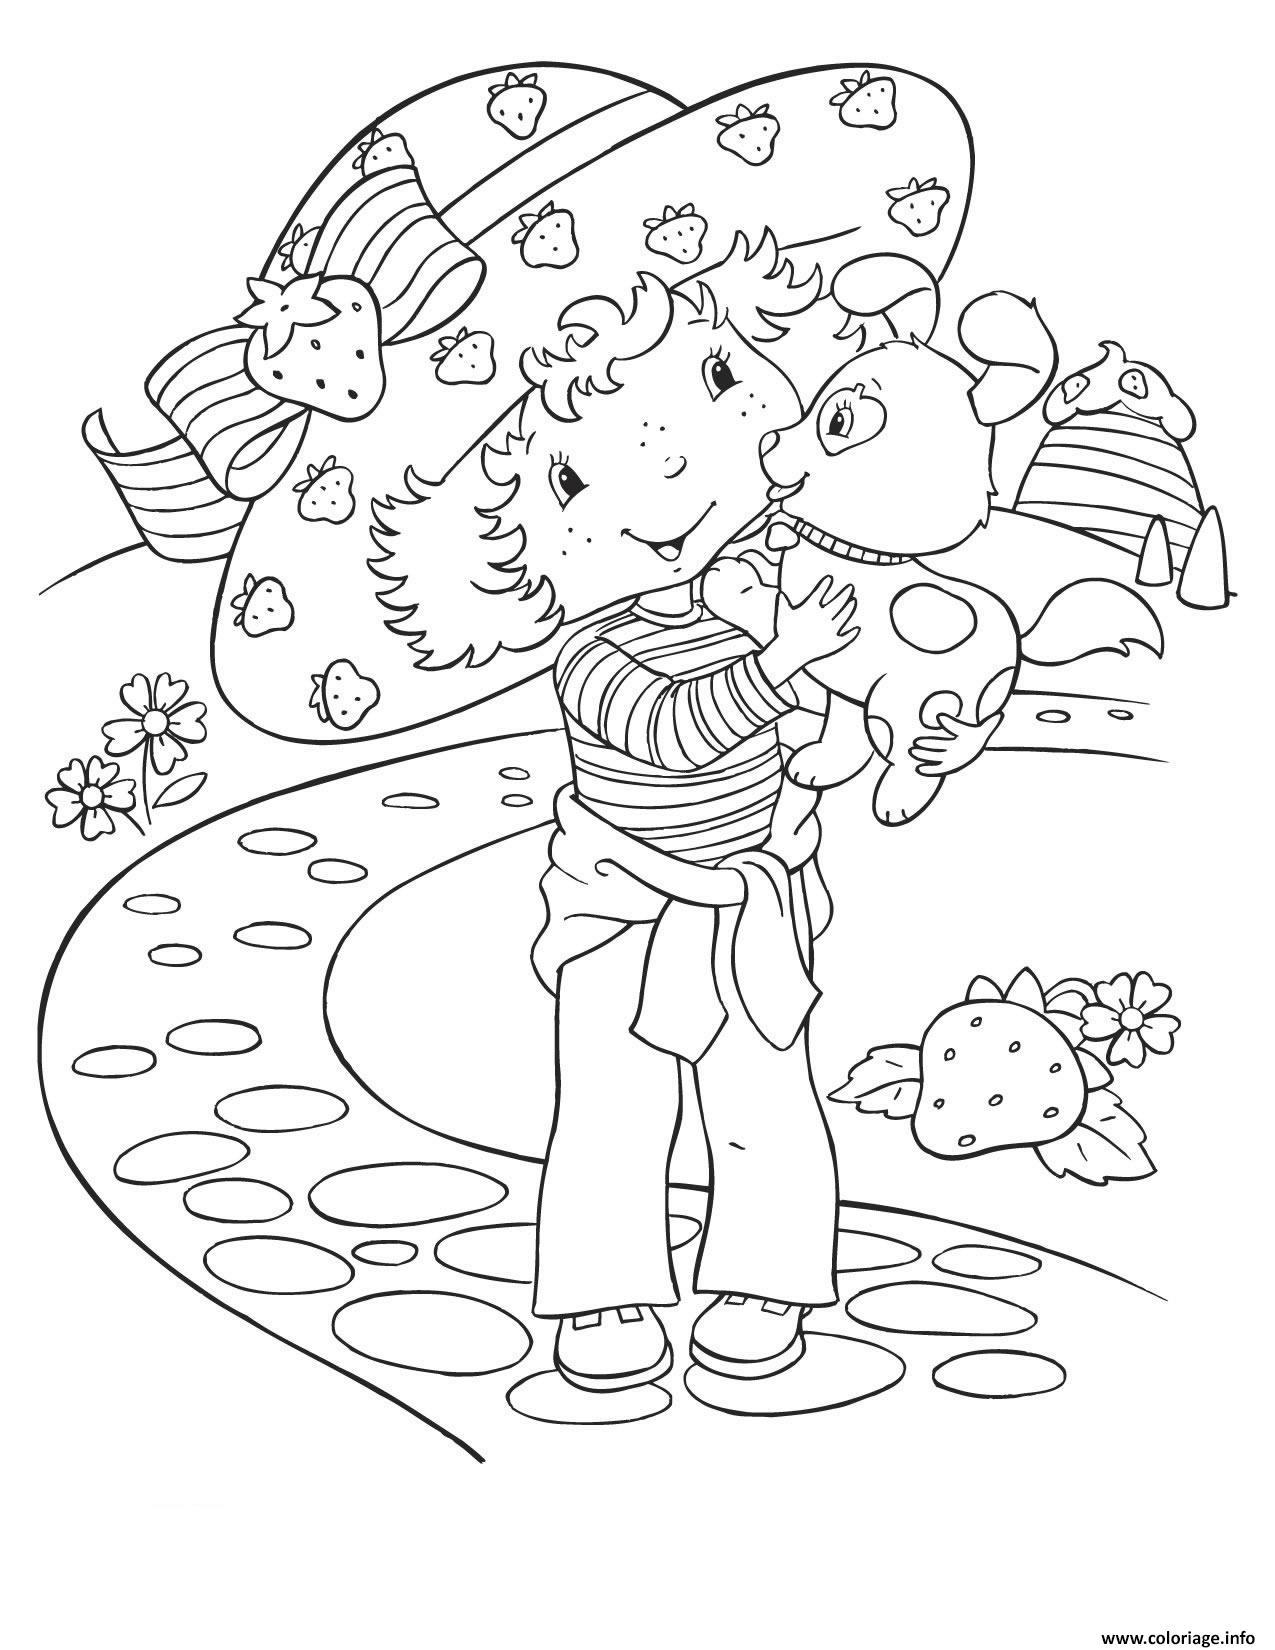 Dessin dessin de fraisinette ancien Coloriage Gratuit à Imprimer